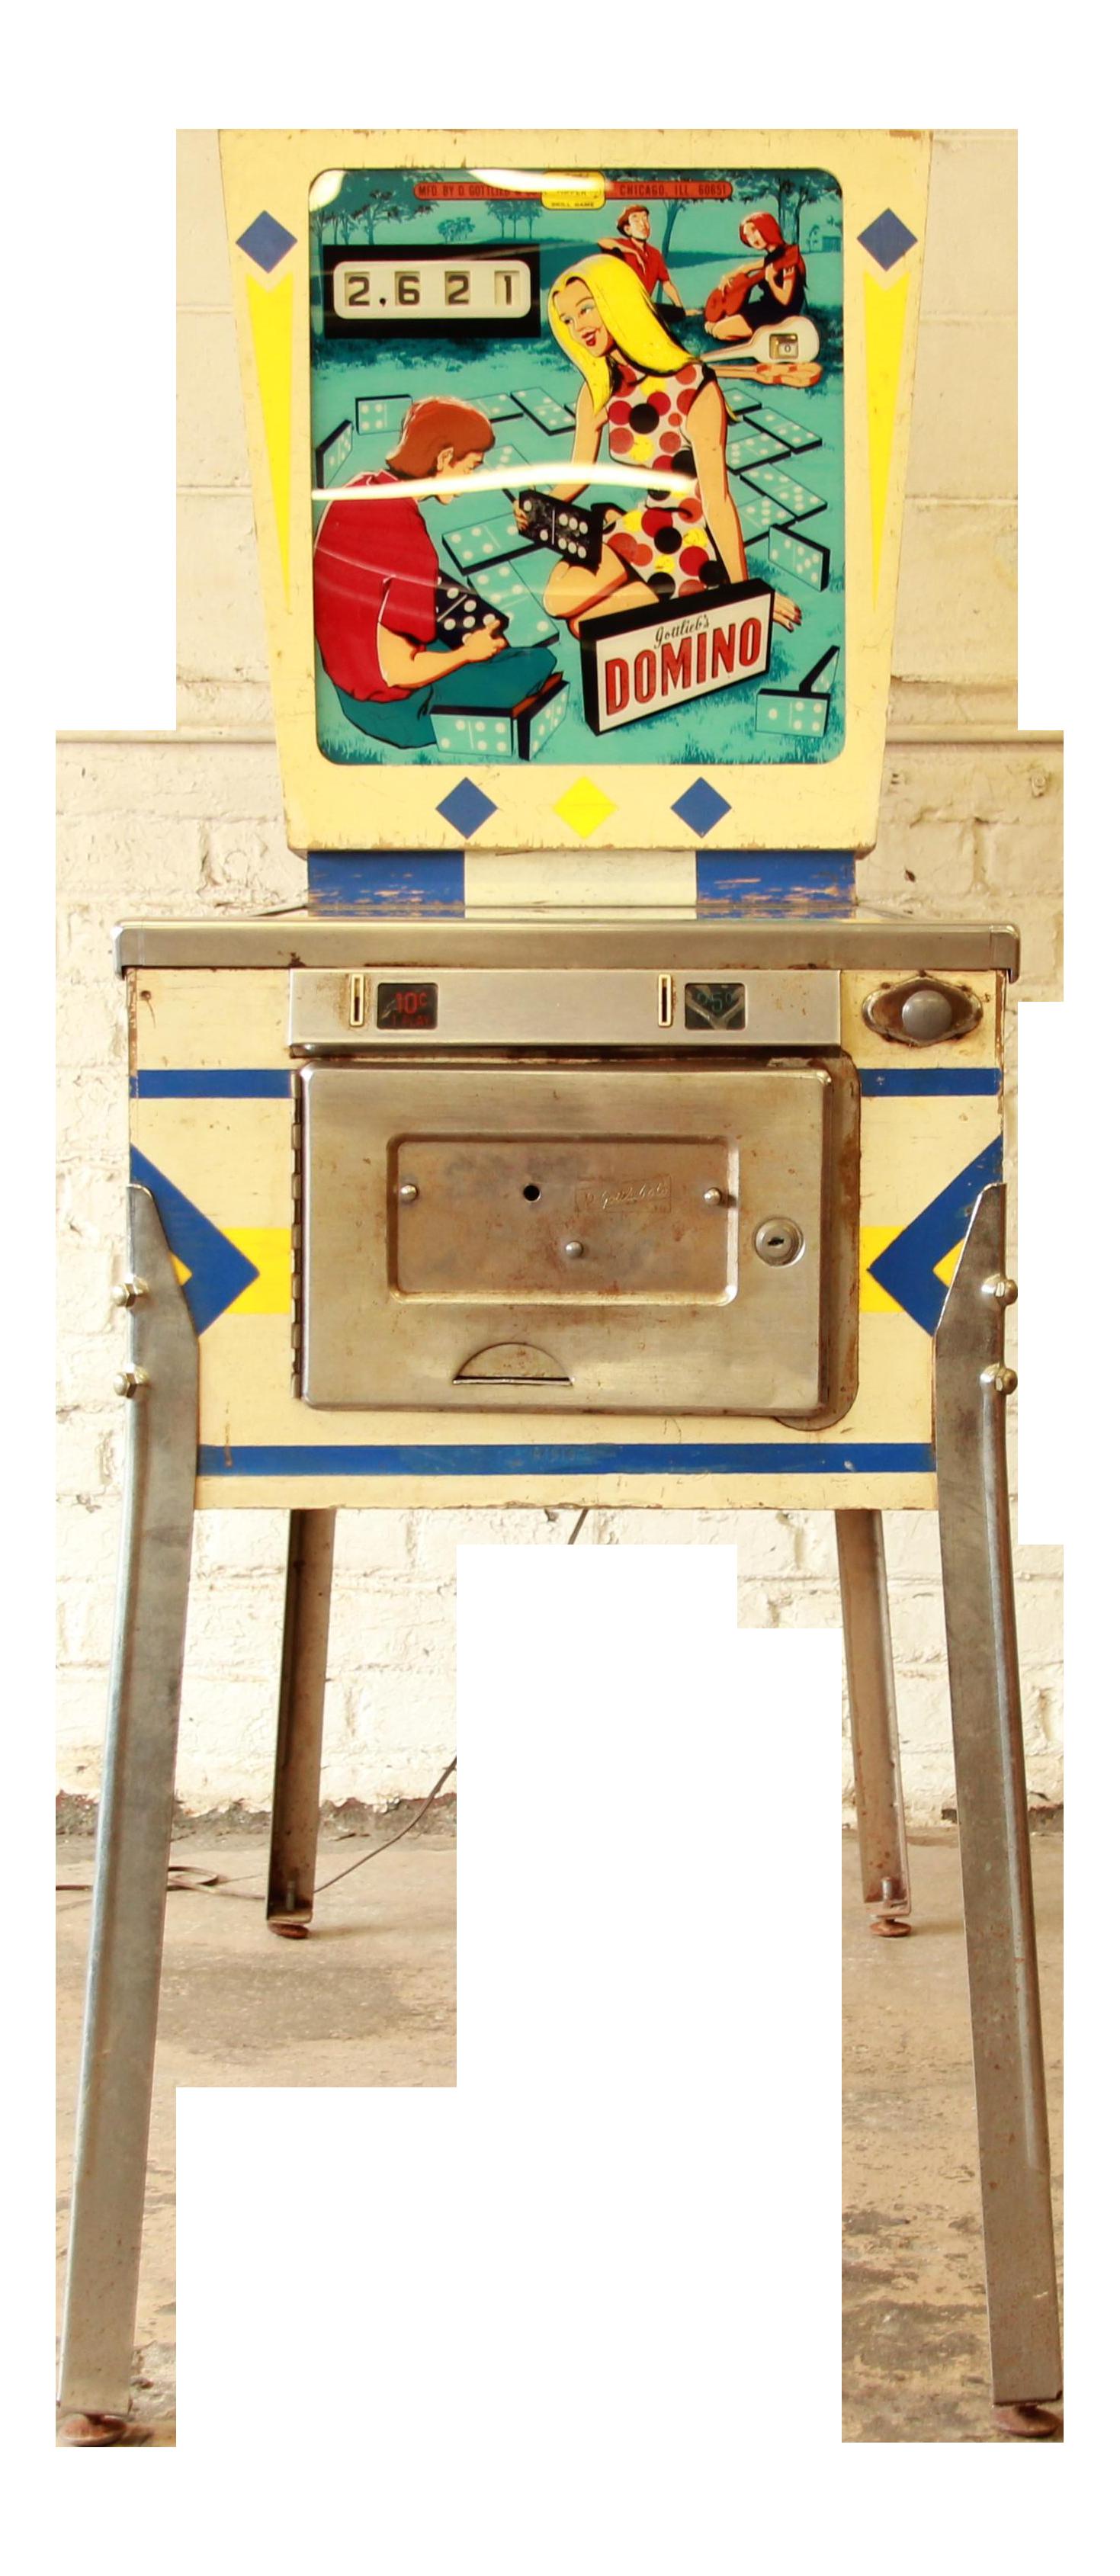 1968 Gottlieb Domino Pinball Machine Chairish